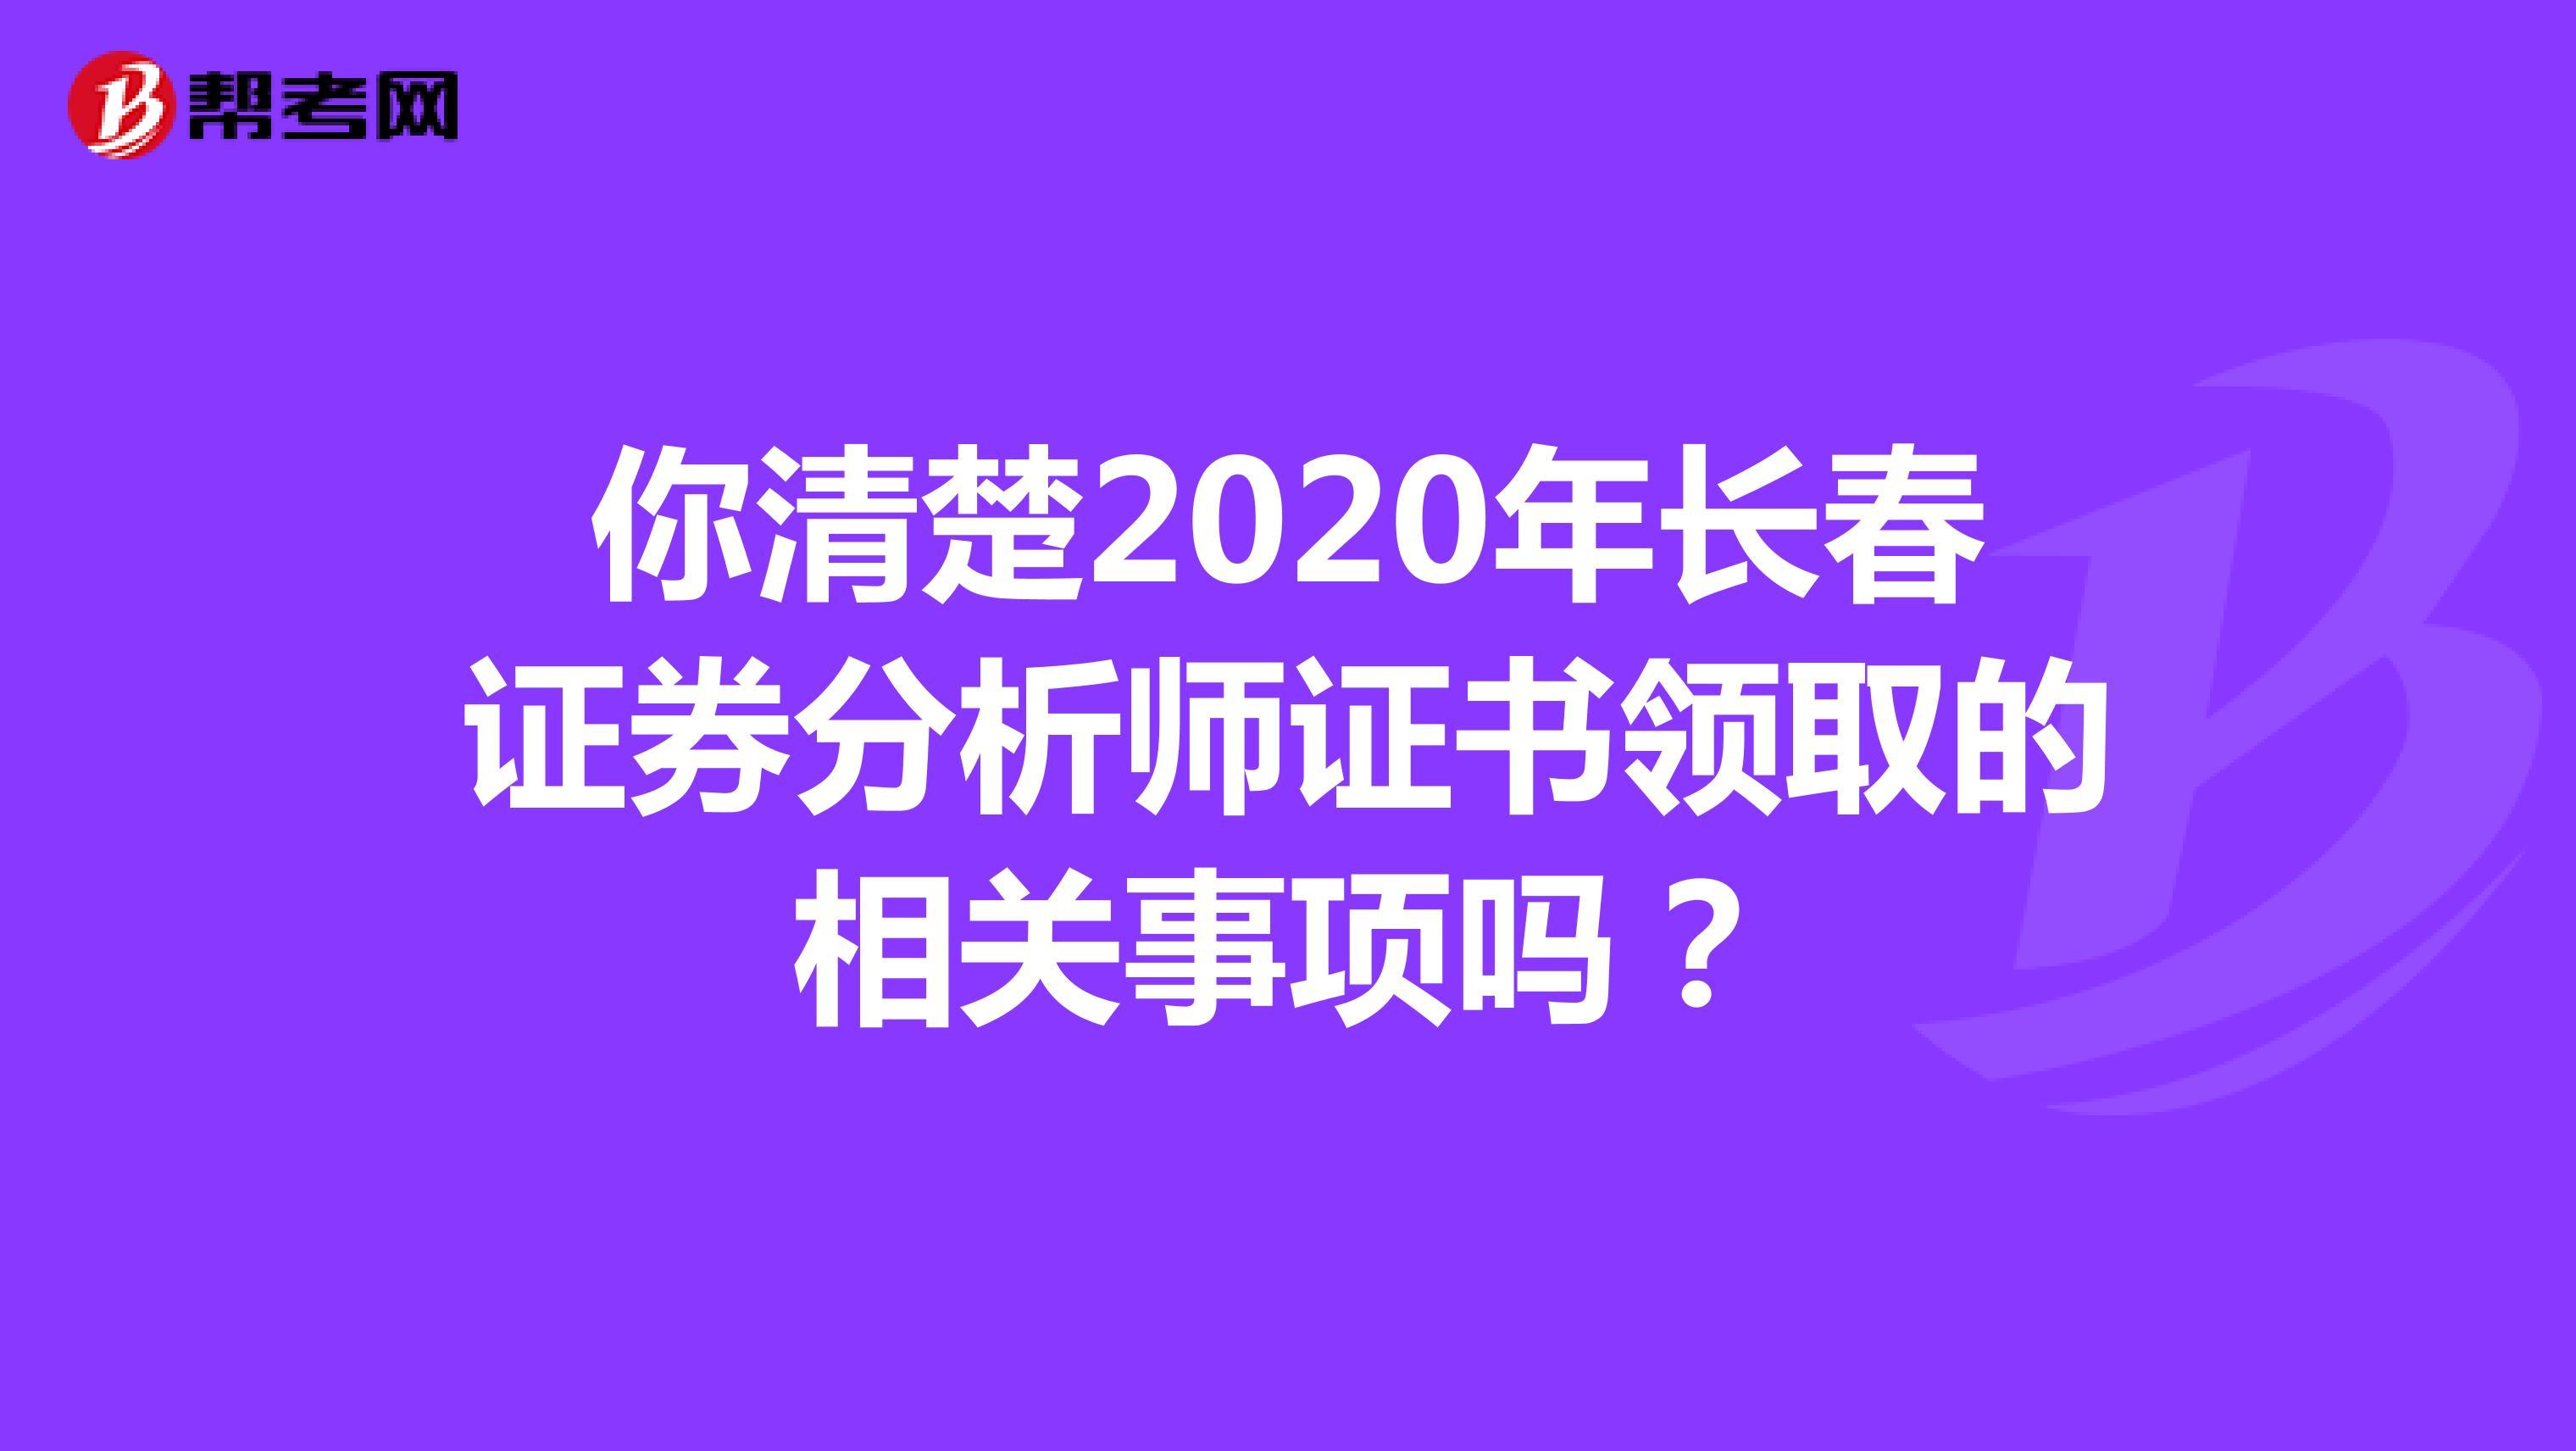 你清楚2020年长春证券分析师证书领取的相关事项吗?